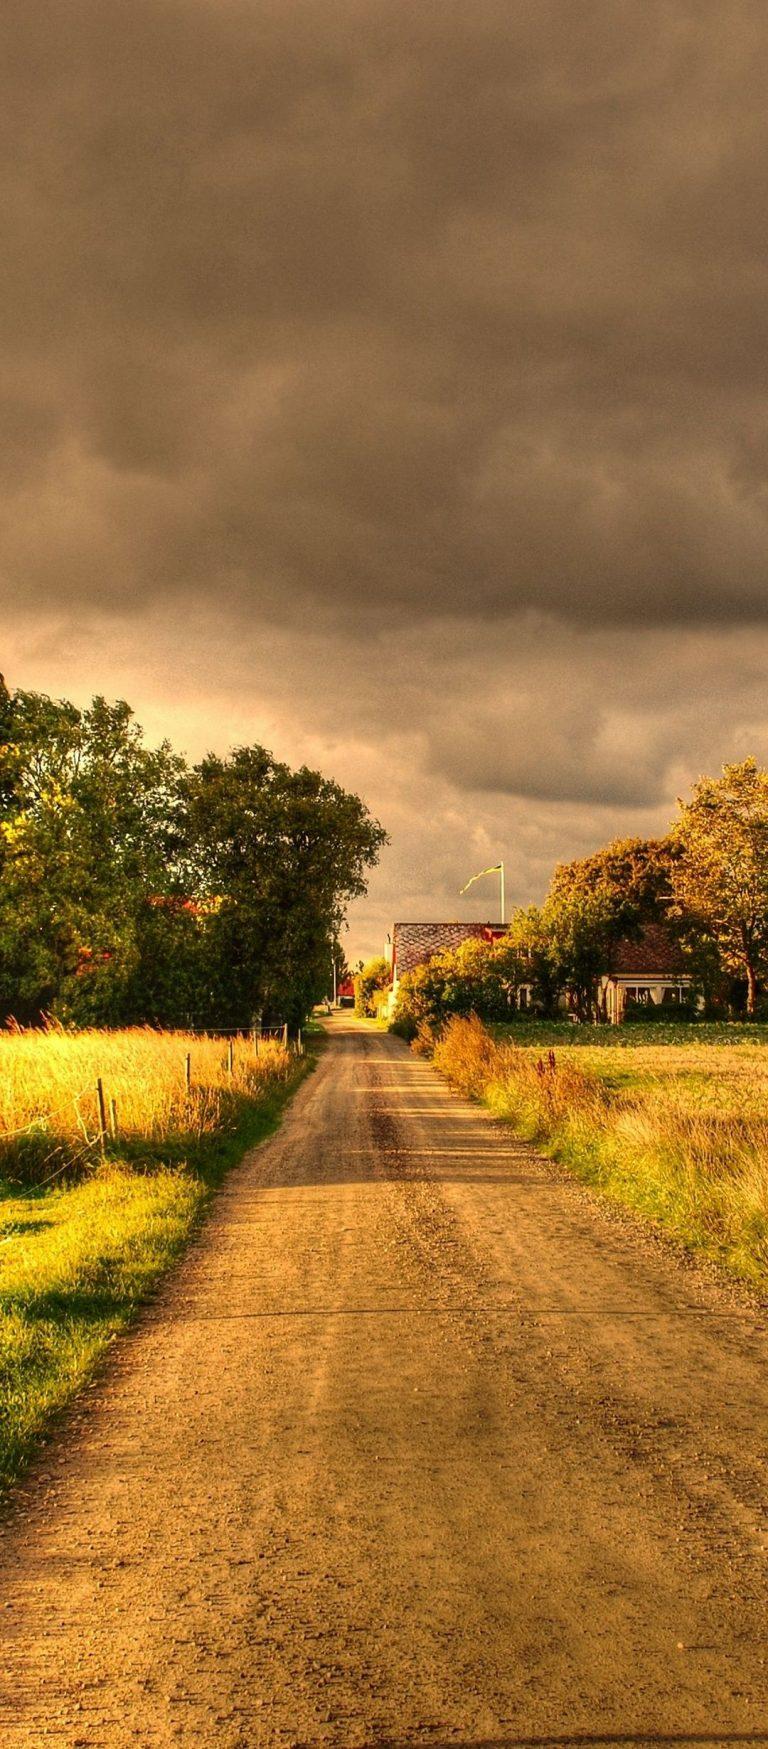 Autumn Field Road Landscape 1080x2460 768x1749